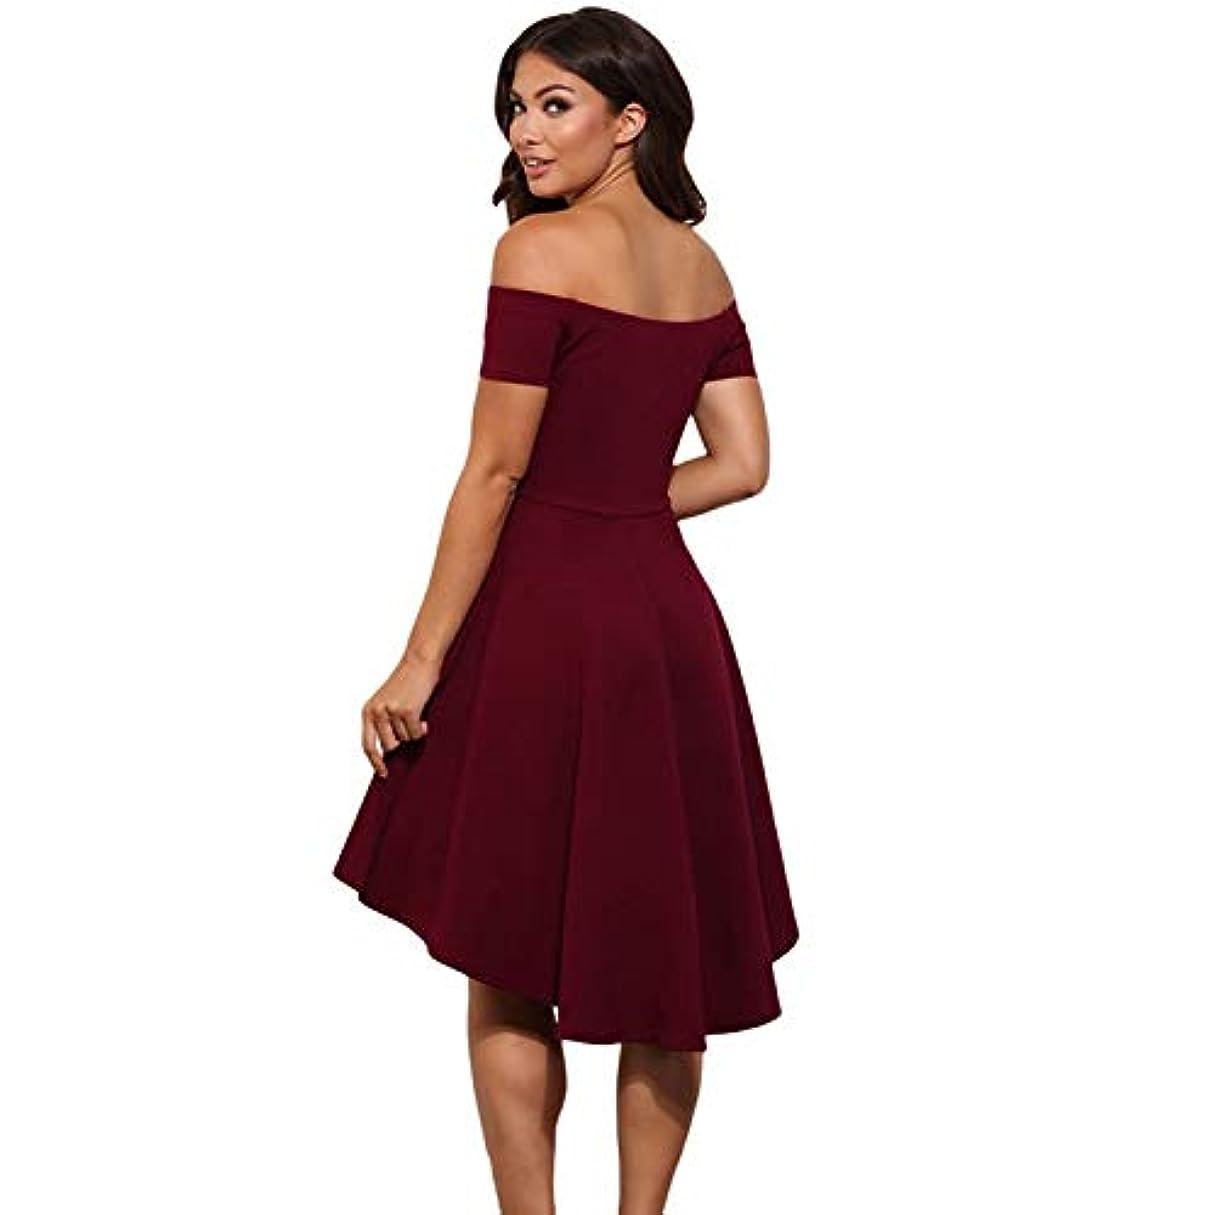 下に向けますセンサークリエイティブMaxcrestas - ヴィンテージ女性のセクシーなスラッシュネックソリッドカラーパーティー秋の新しいファッションAライン黒赤ワイン膝丈のドレスドレス